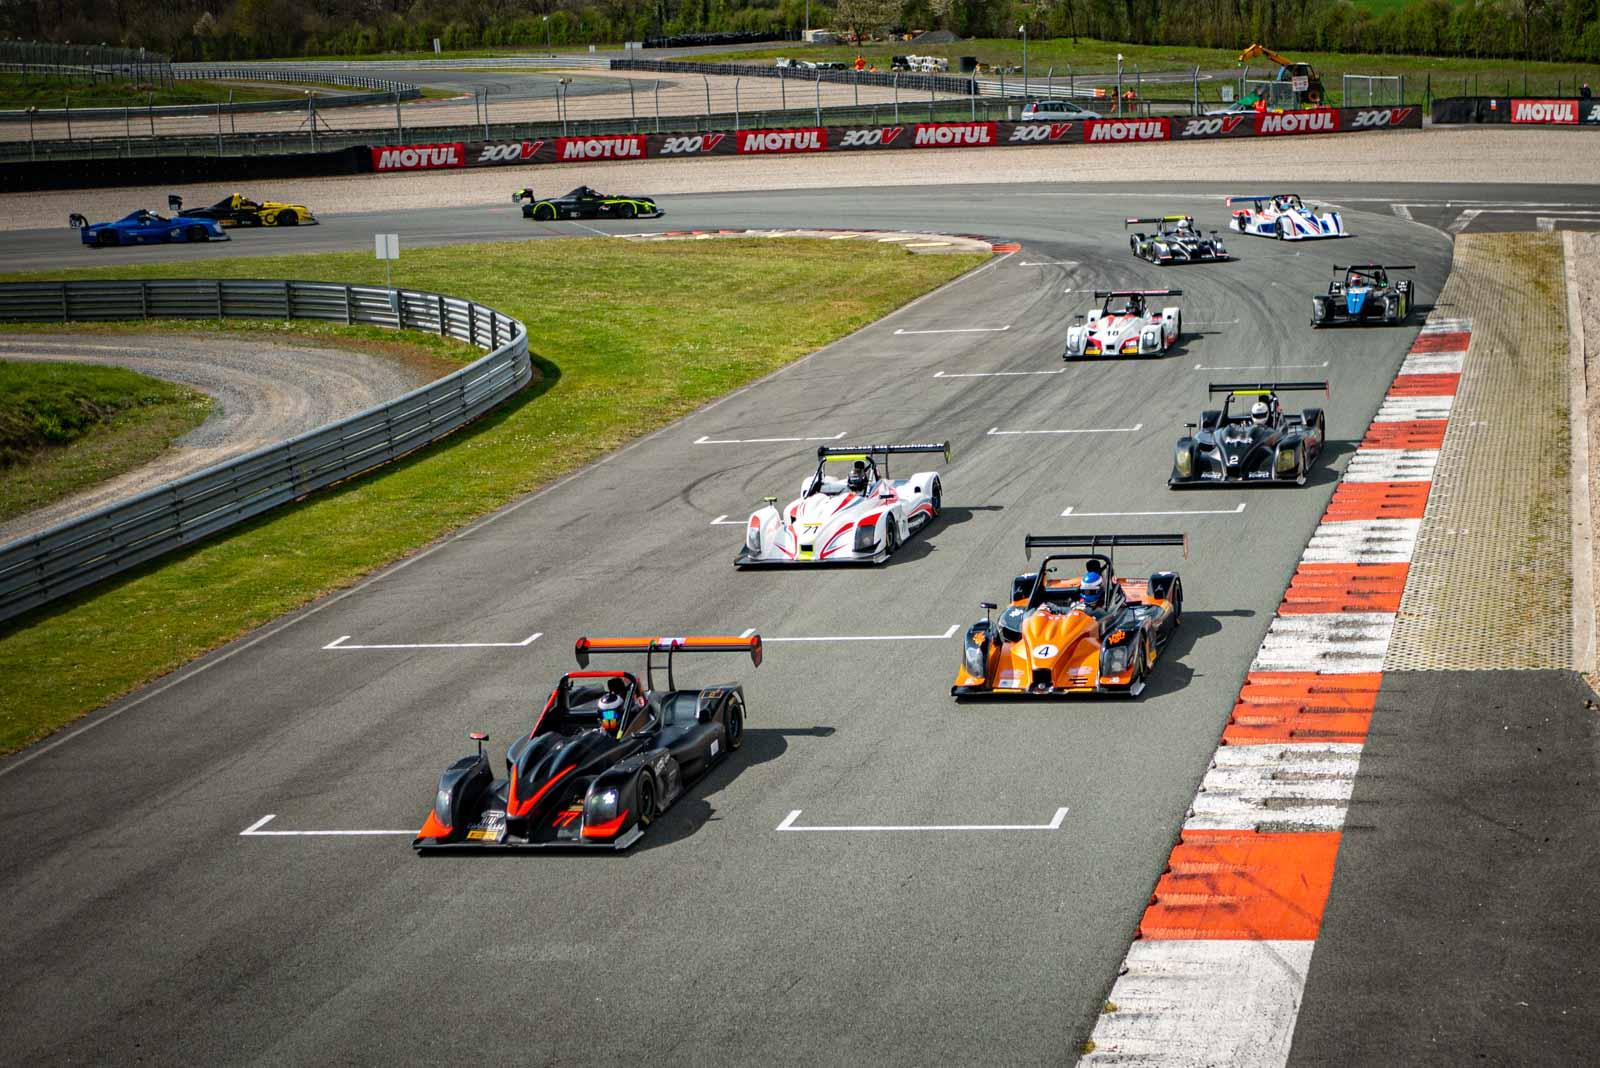 Circuit Le Vigeant Calendrier 2021 Le Trophée Proto du TTE lance sa saison 2020 sur le circuit du Vigeant